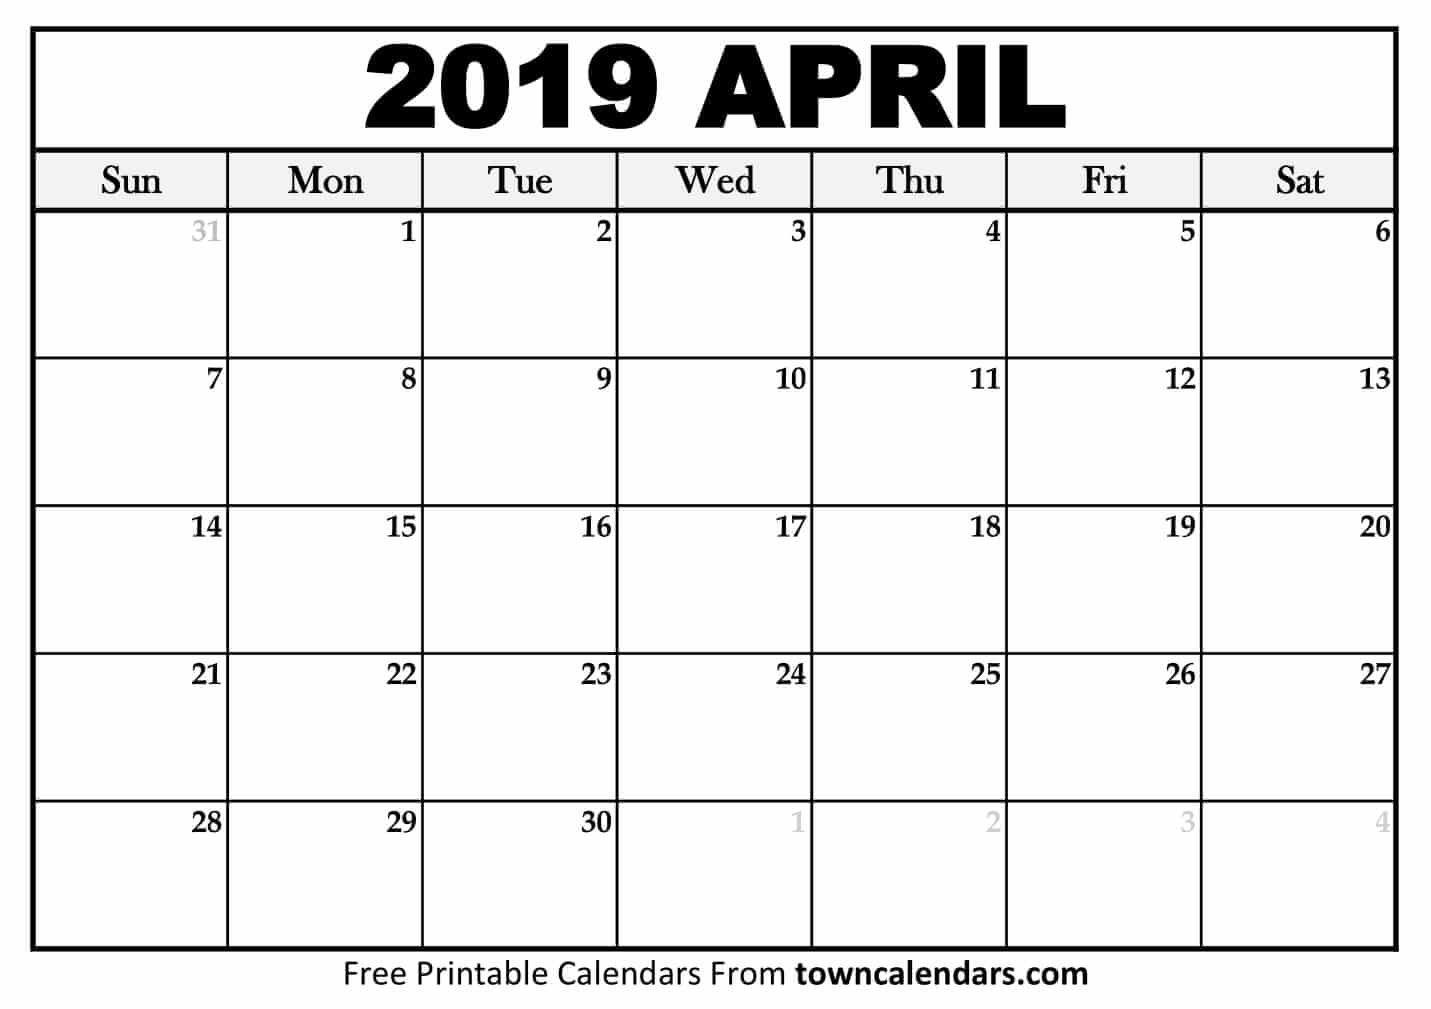 Printable April 2019 Calendar – Towncalendars Calendar 2019 April